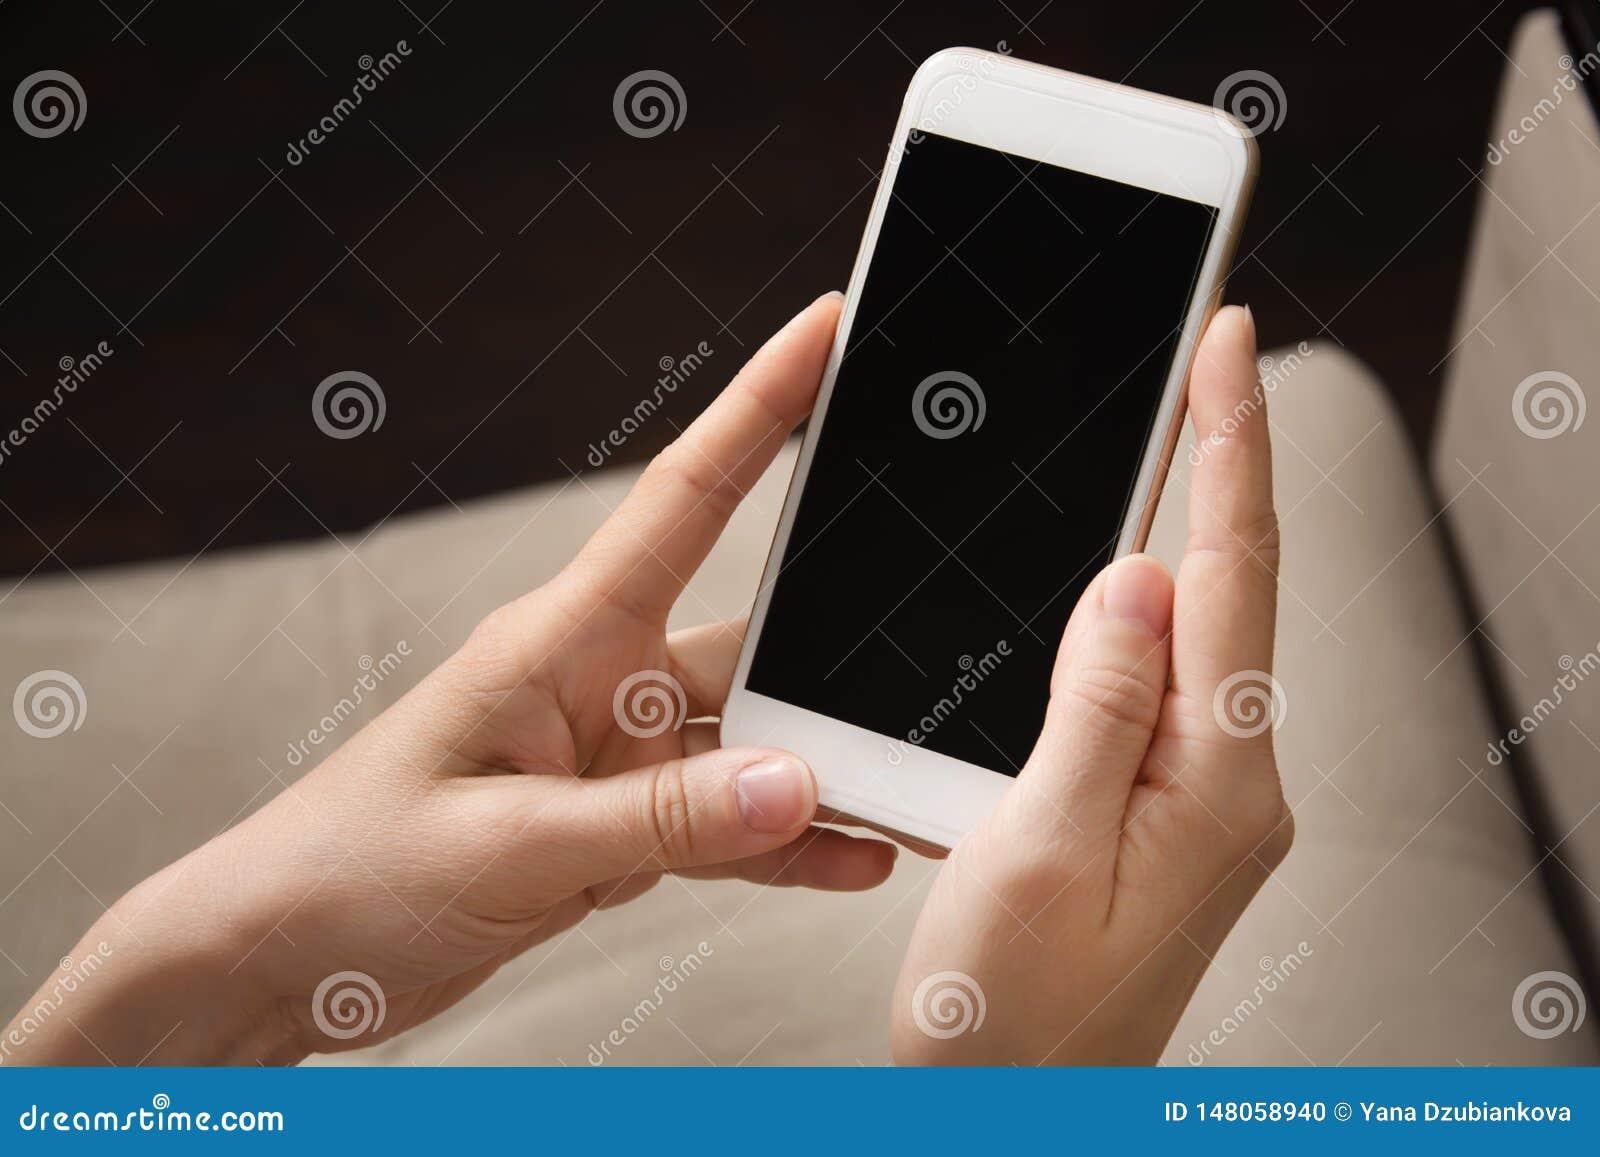 女性手在他们的手上拿着白色电话 手机特写镜头